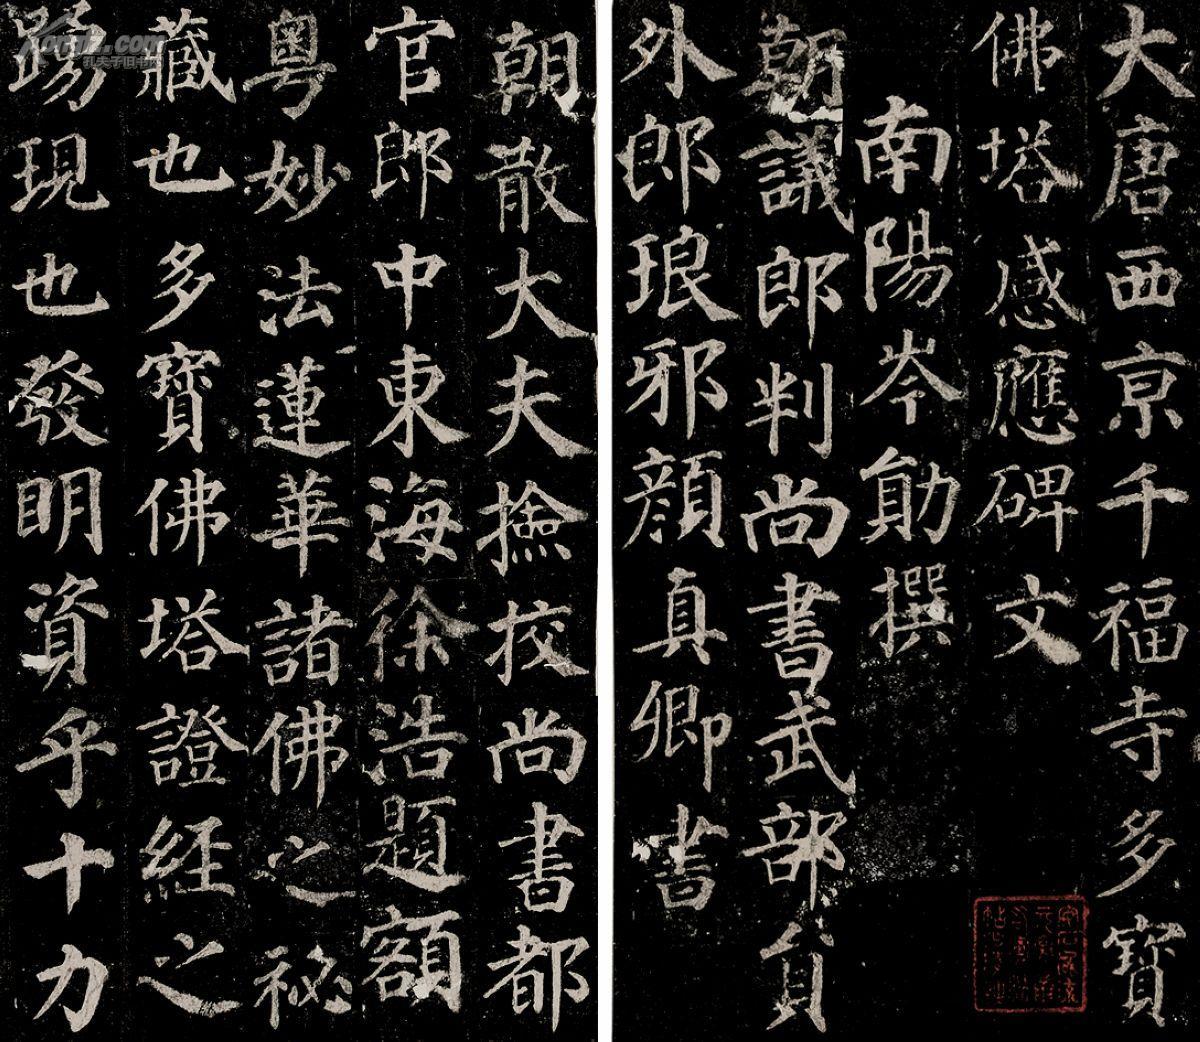 多宝塔碑刻字